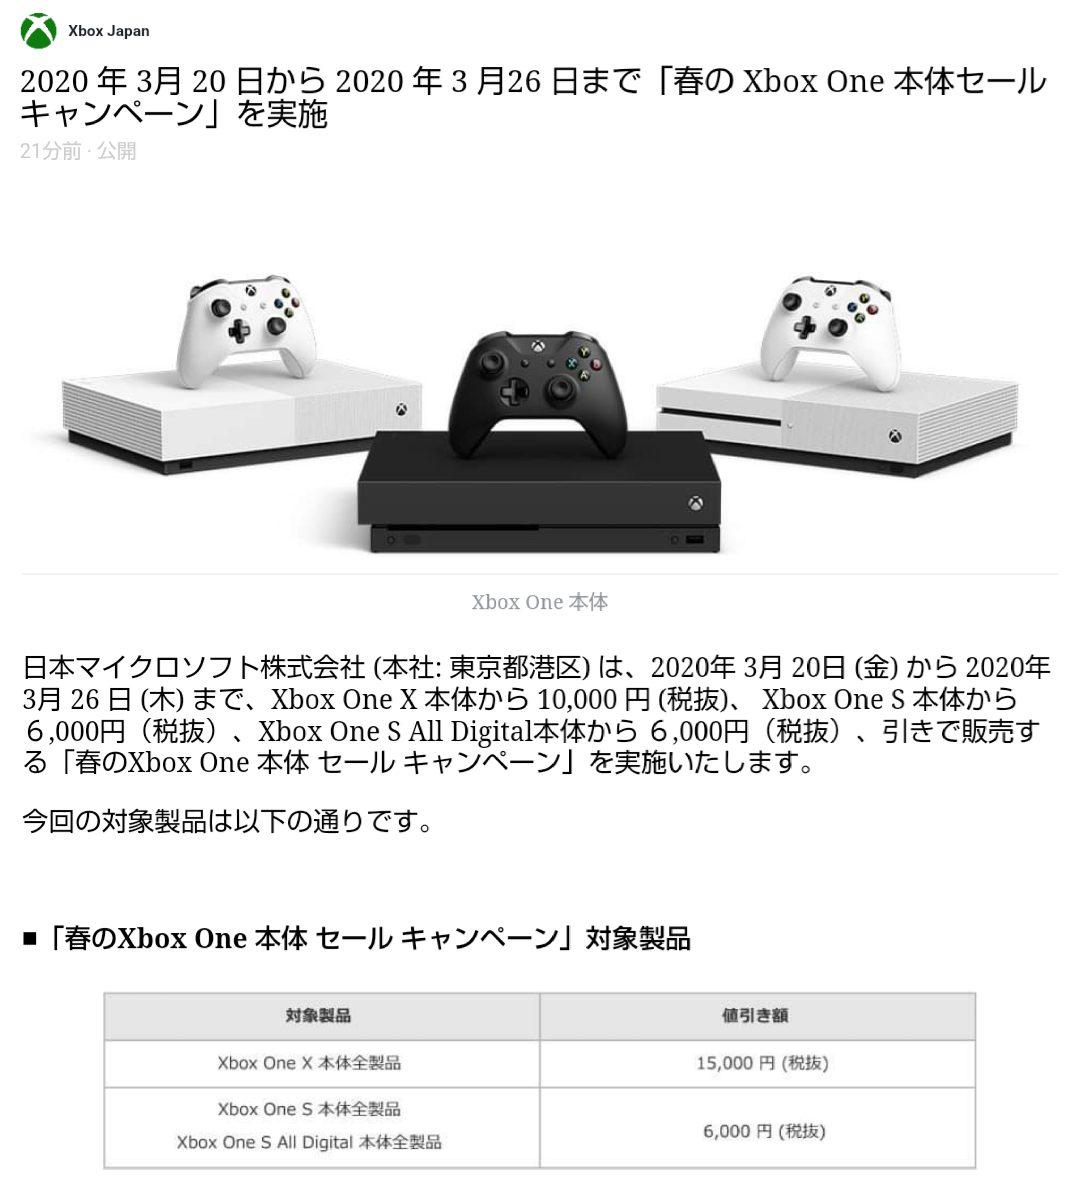 rIljNeG - 【速報】Xbox One X価格変更キタ━━━━(゚∀゚)━━━━!!